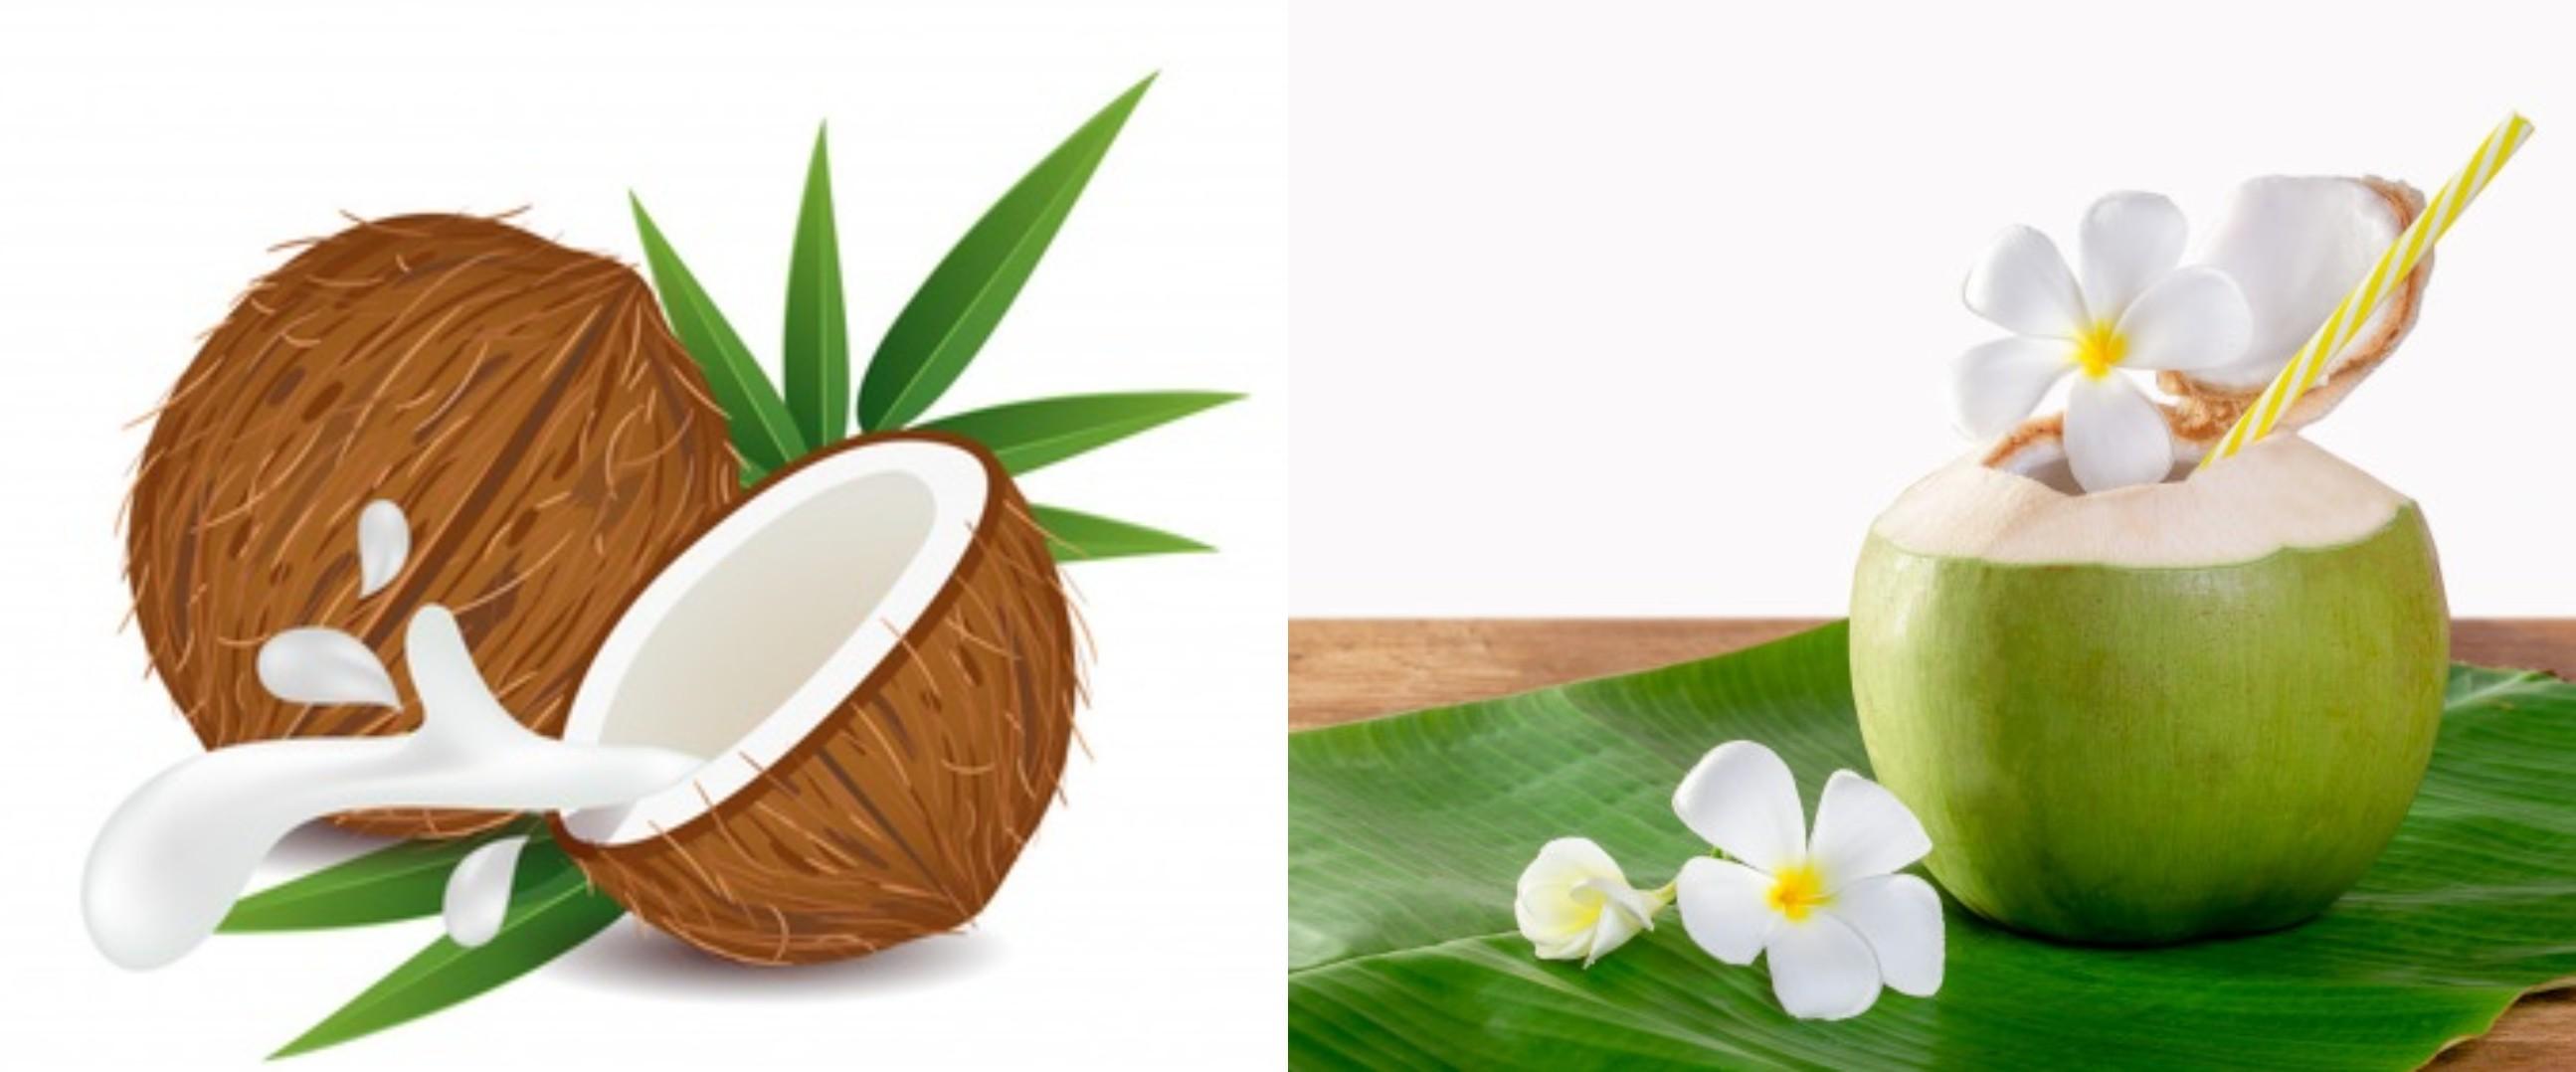 30 Manfaat air kelapa untuk kesehatan & kecantikan, hilangkan jerawat